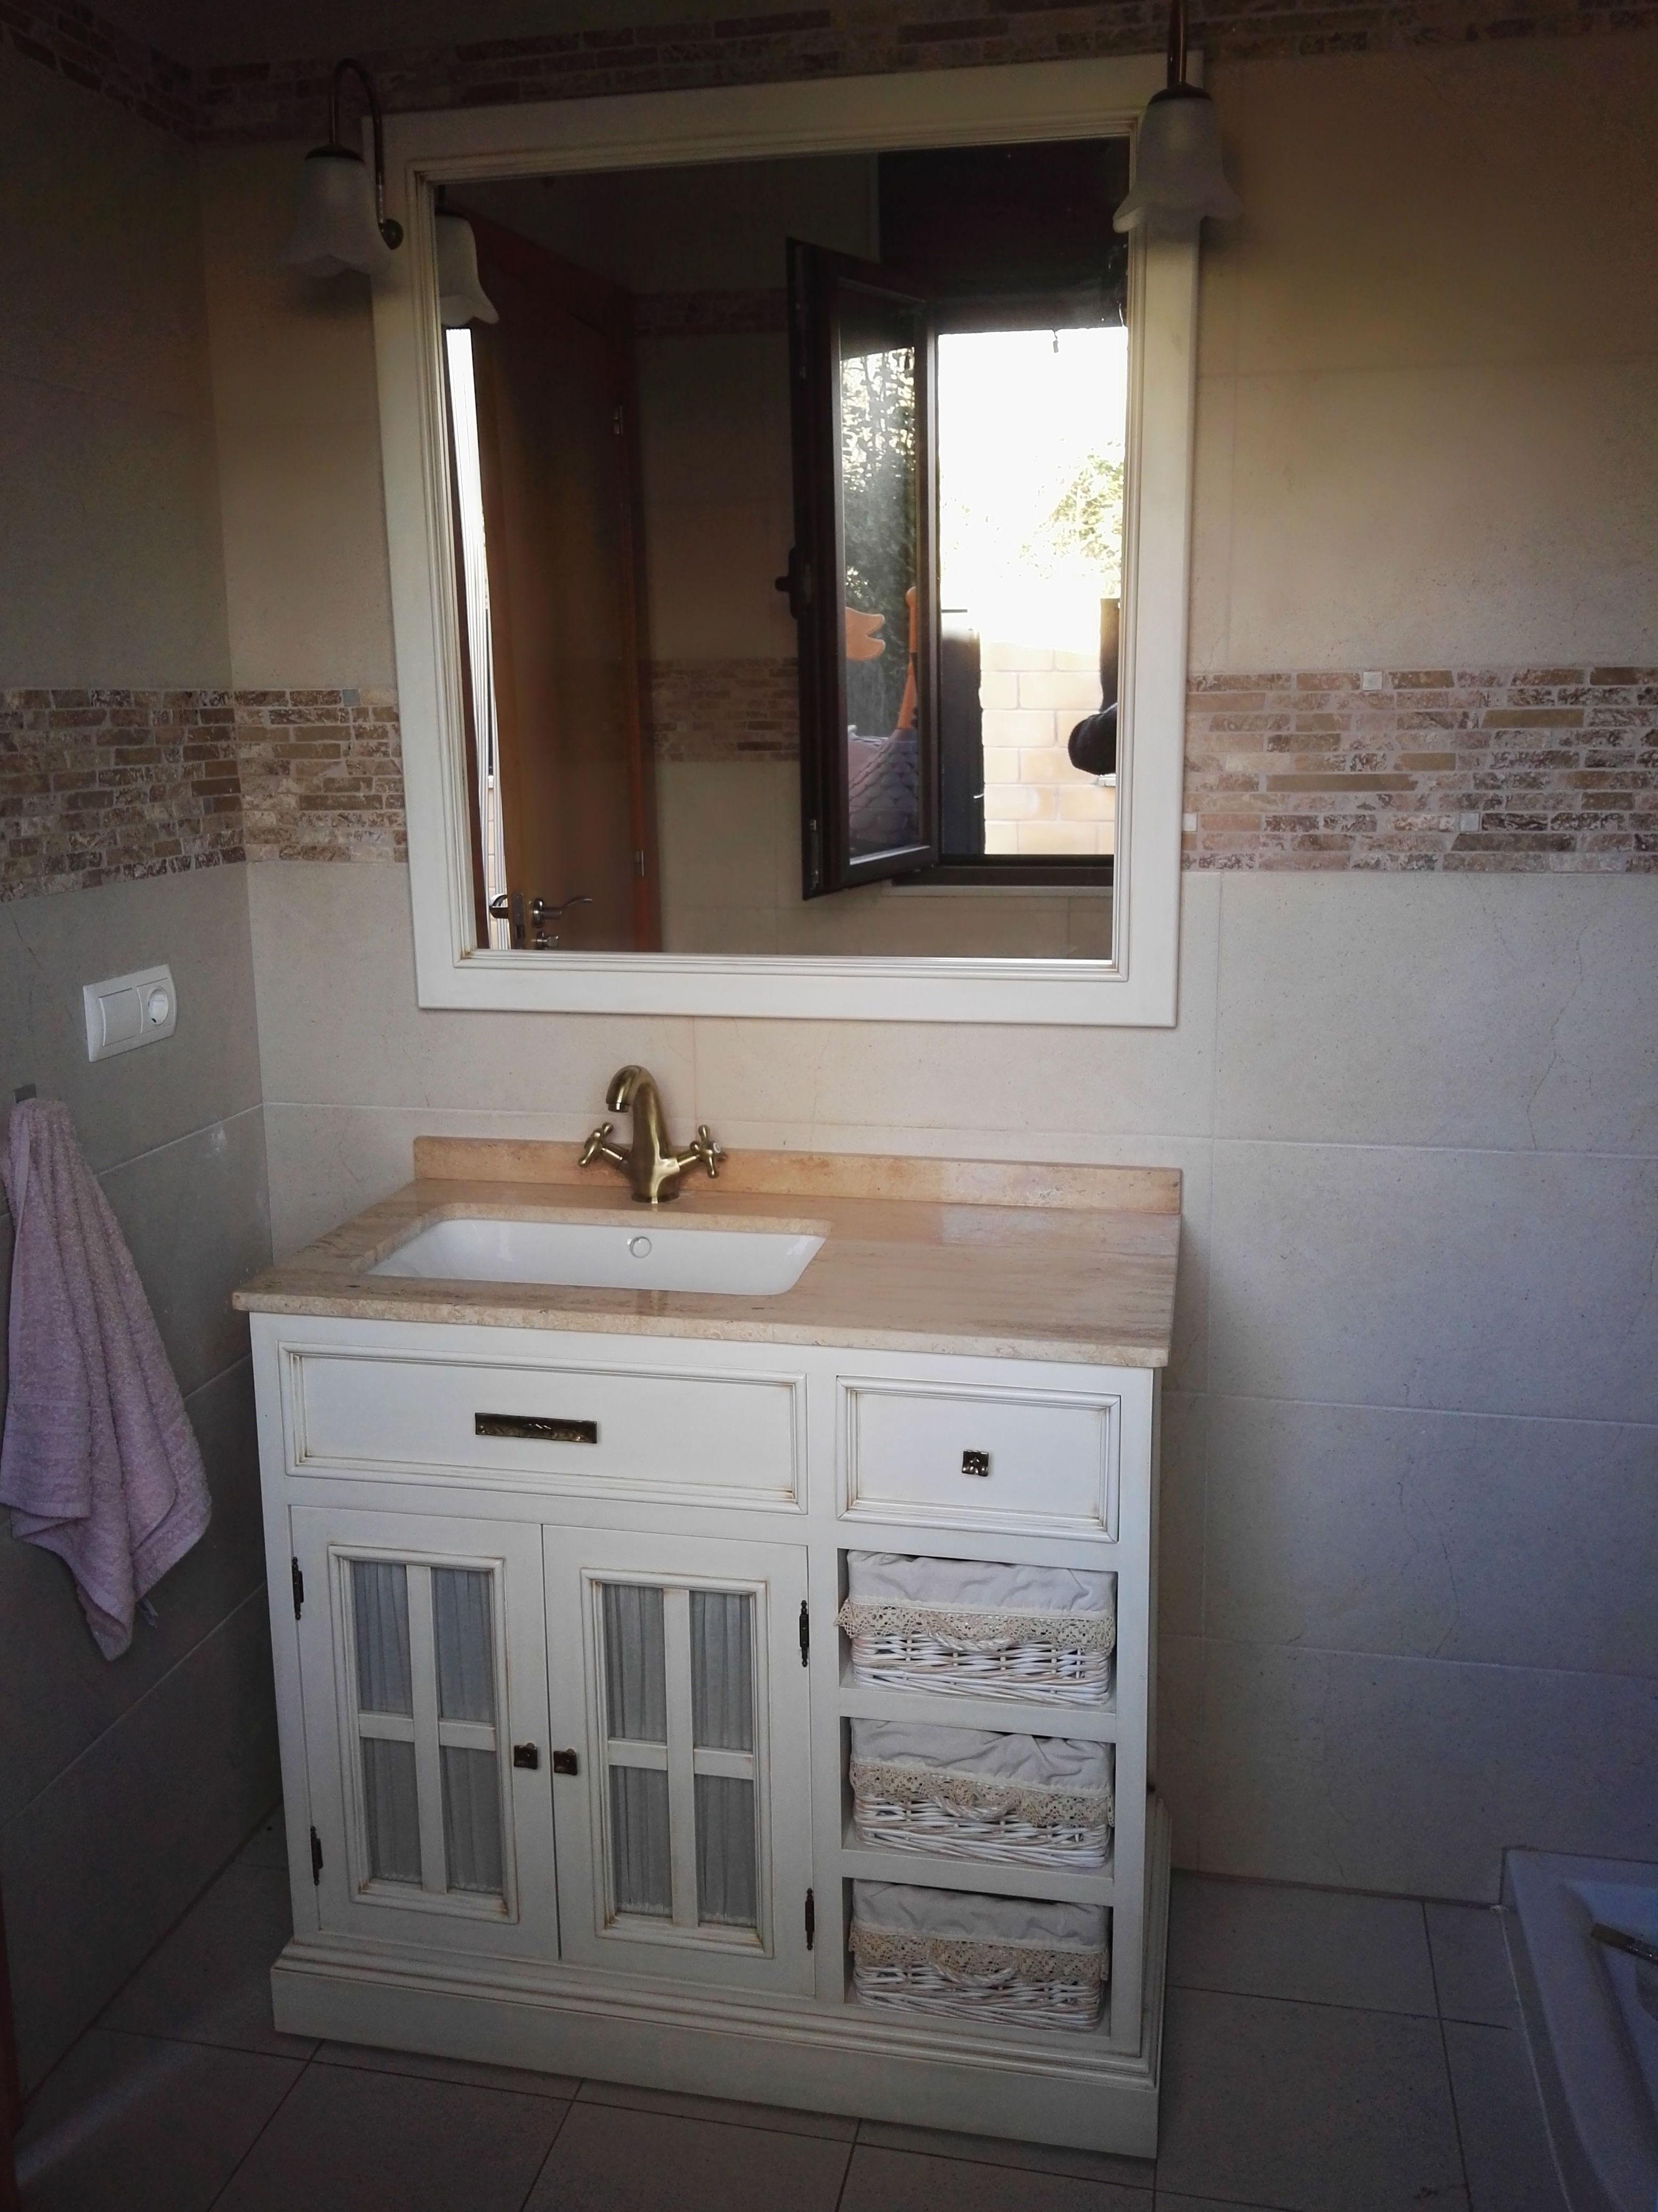 Foto 10 de Reformas en baños y cocinas en Trobajo del Camino | F. Alba, cocinas y baños